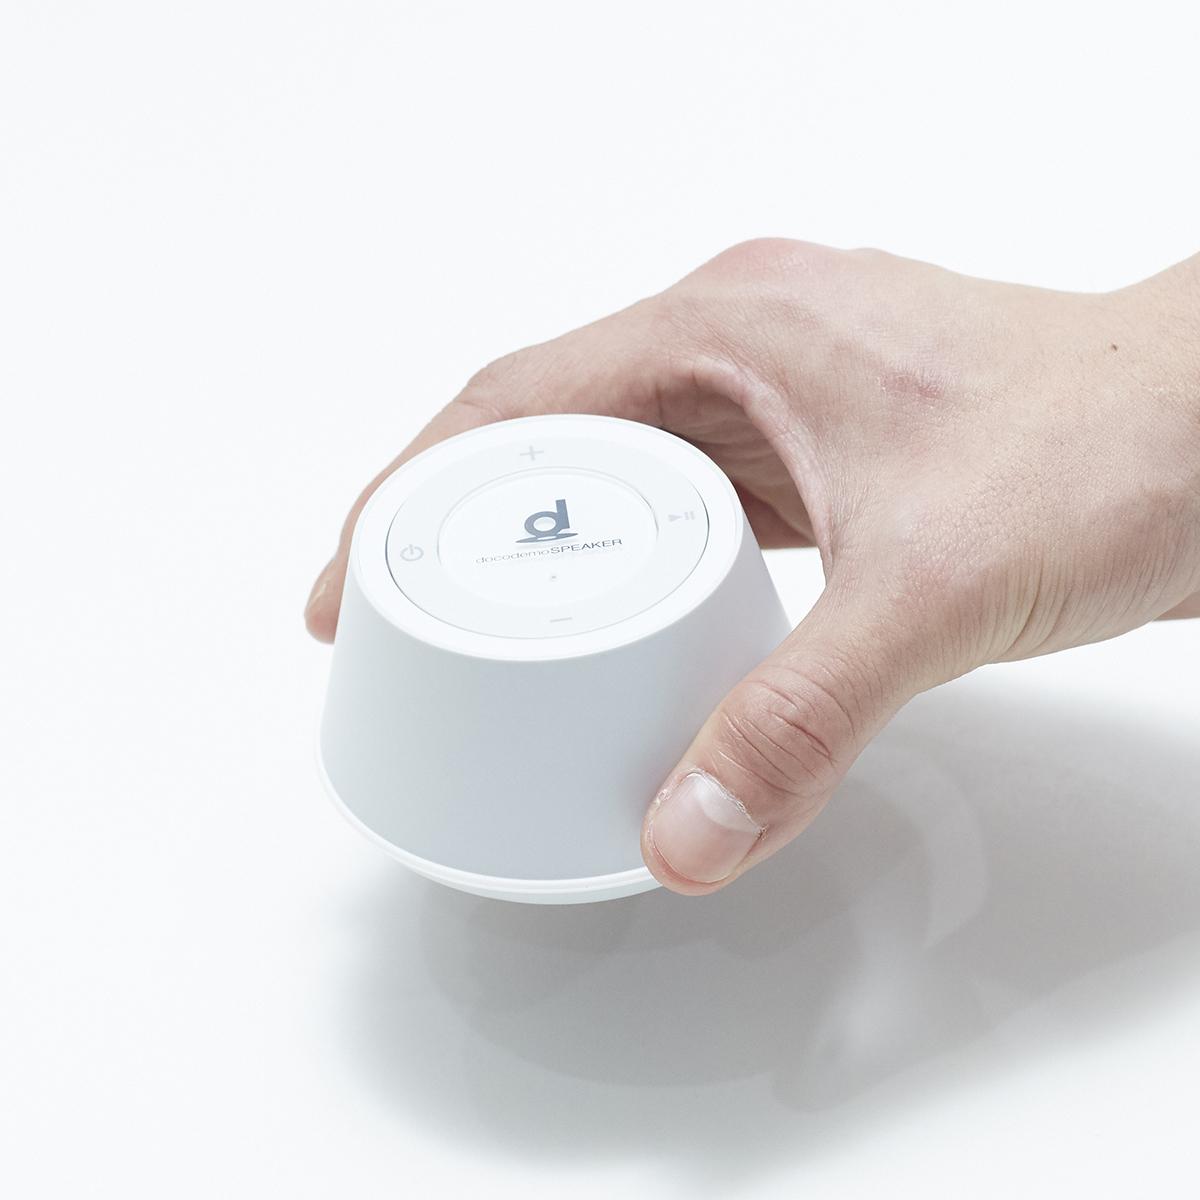 家の床や壁、デスクにイス、車やクーラーボックスでいい音を再現できる新感覚スピーカー|docodemoスピーカー